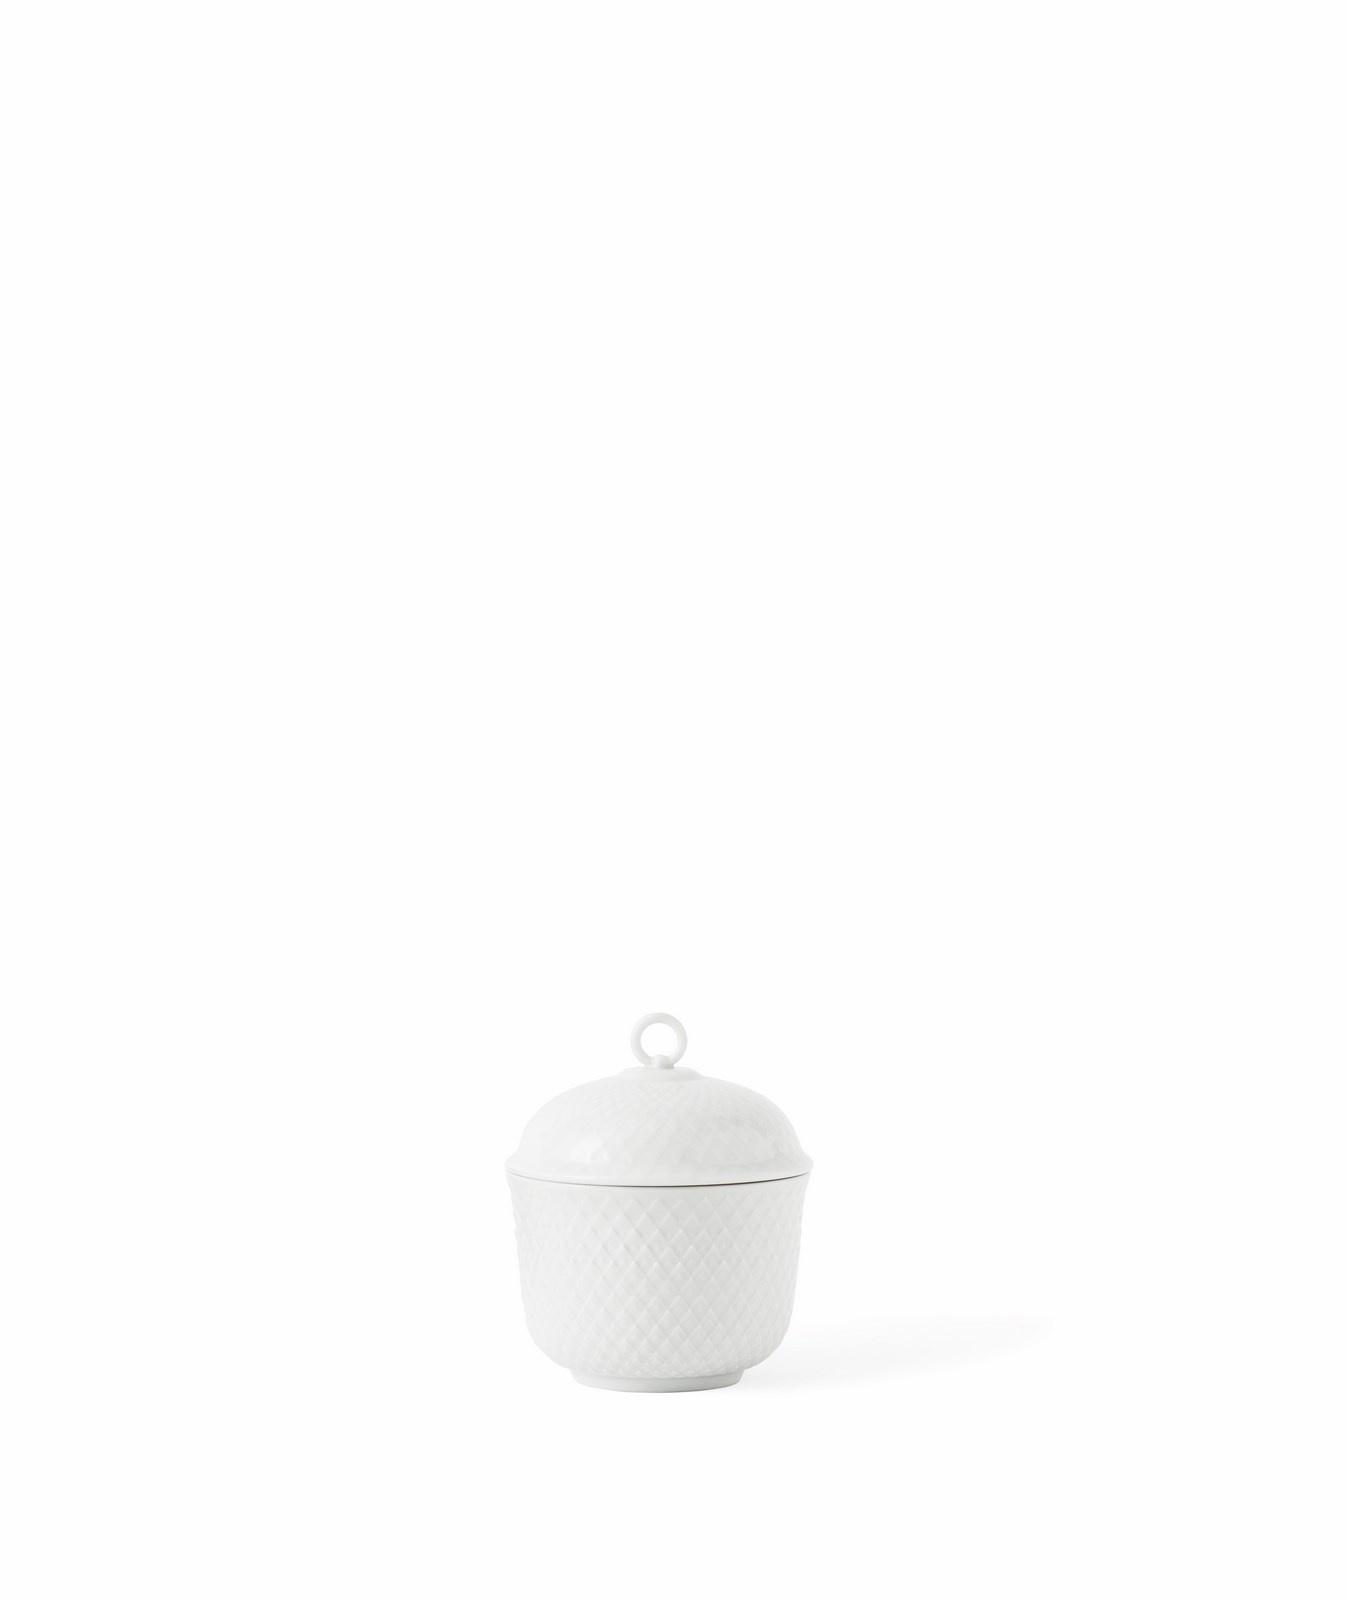 Lyngby Porcelæn Rhombe sukkerskål, Ø8 cm, hvid